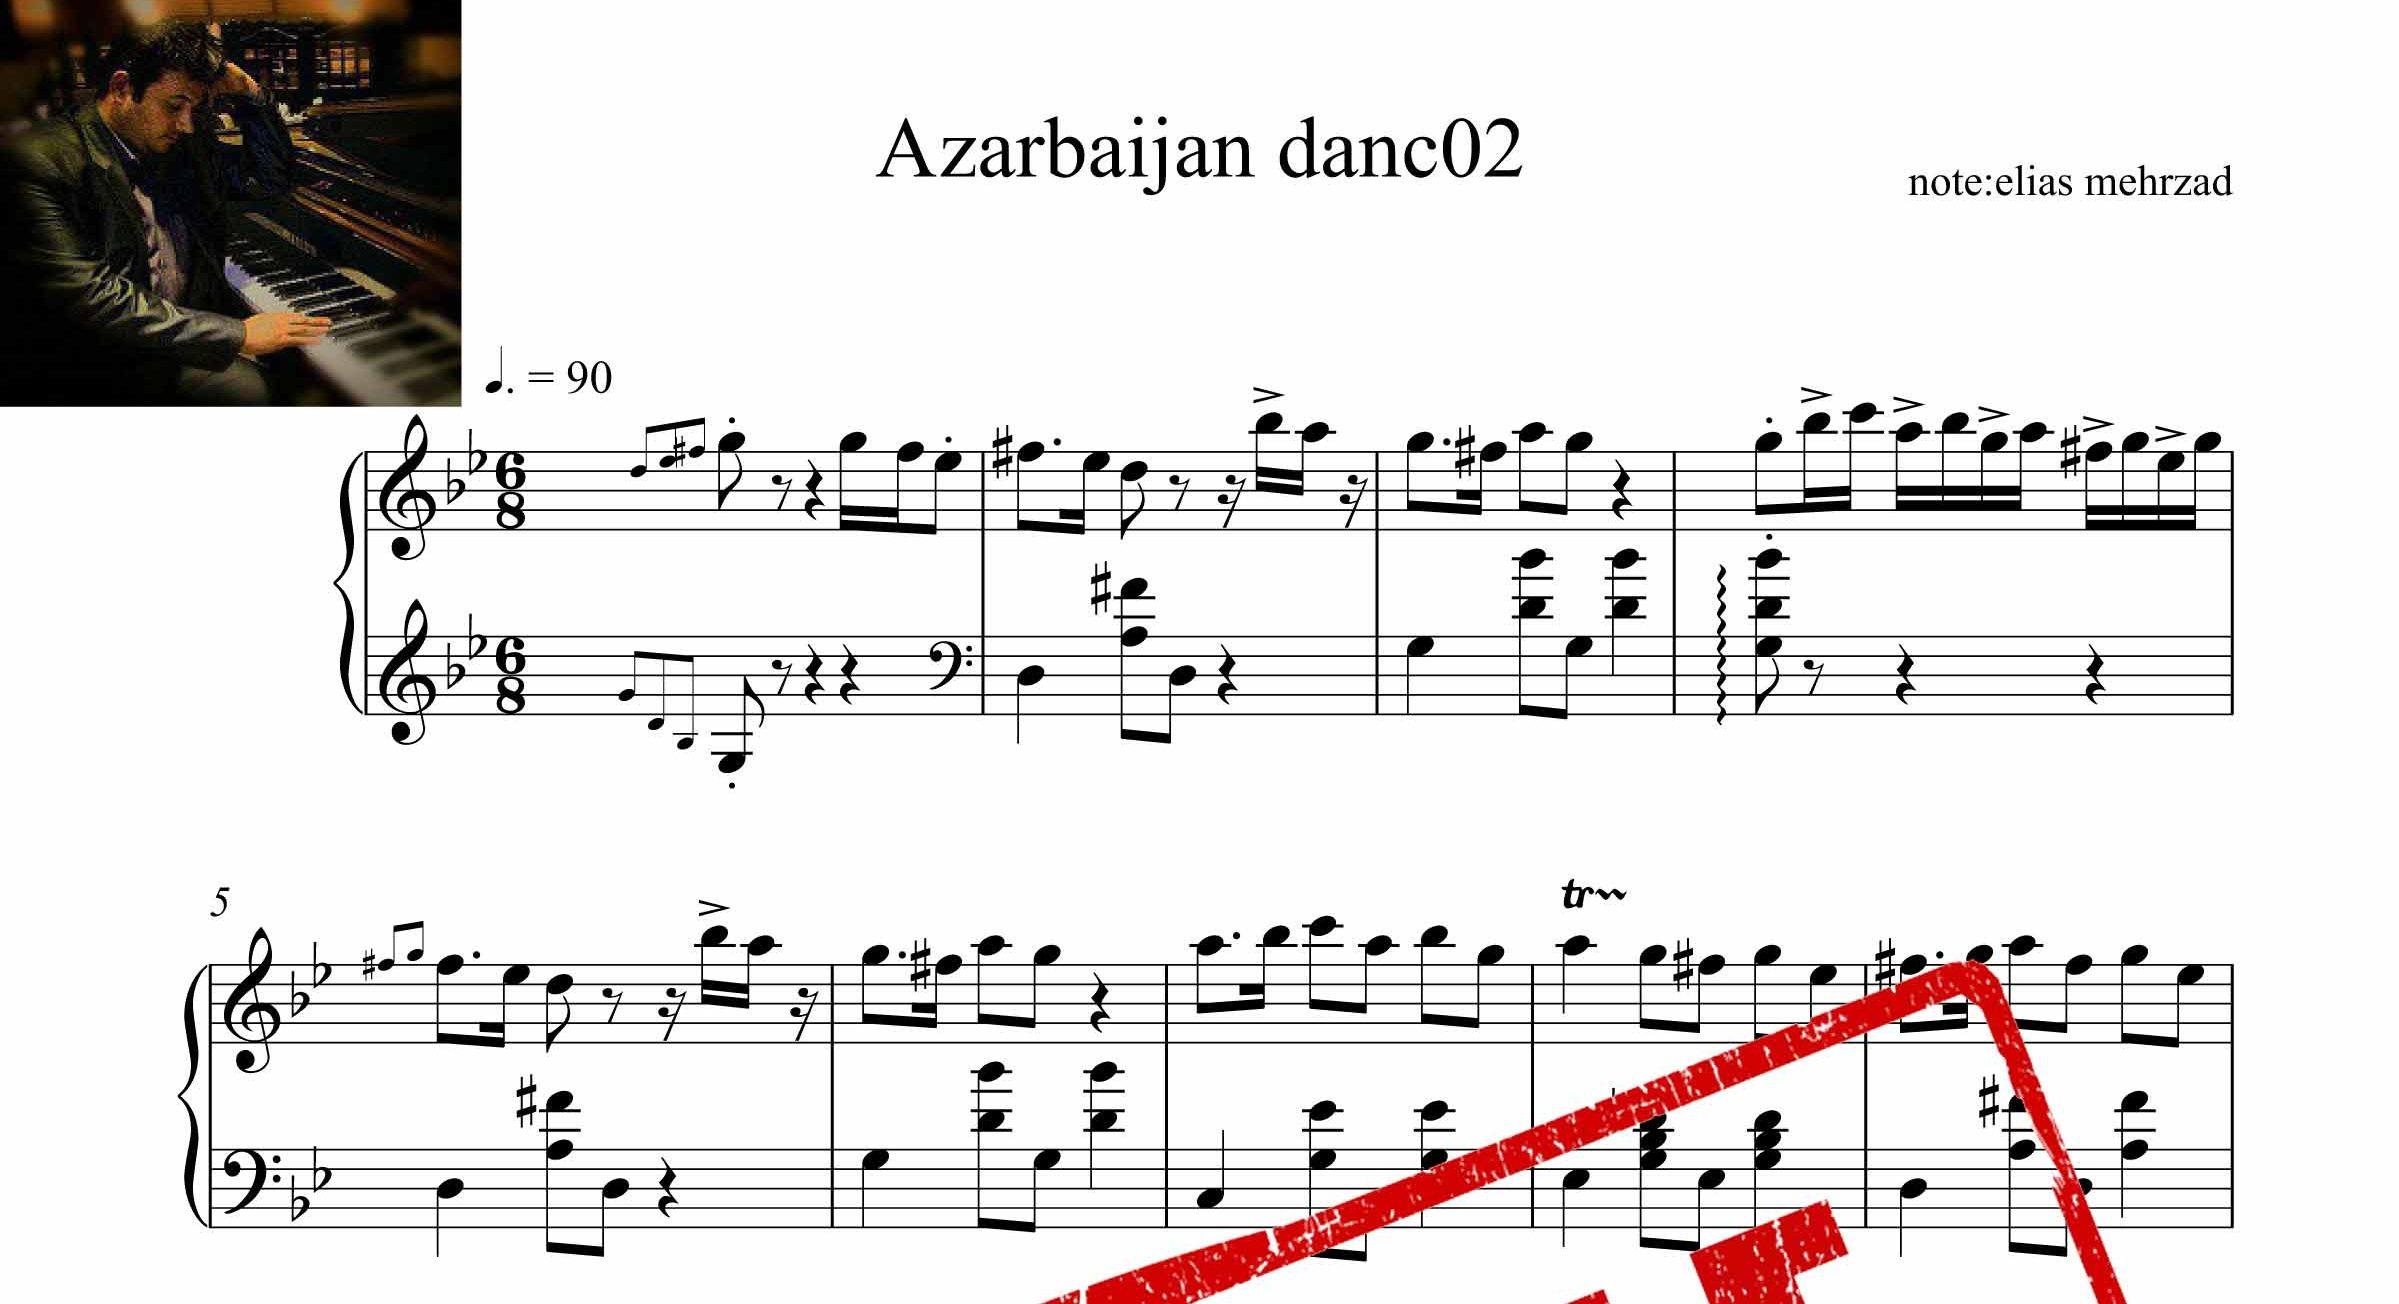 نت پیانورقص آذربایجان مشدی عباد02